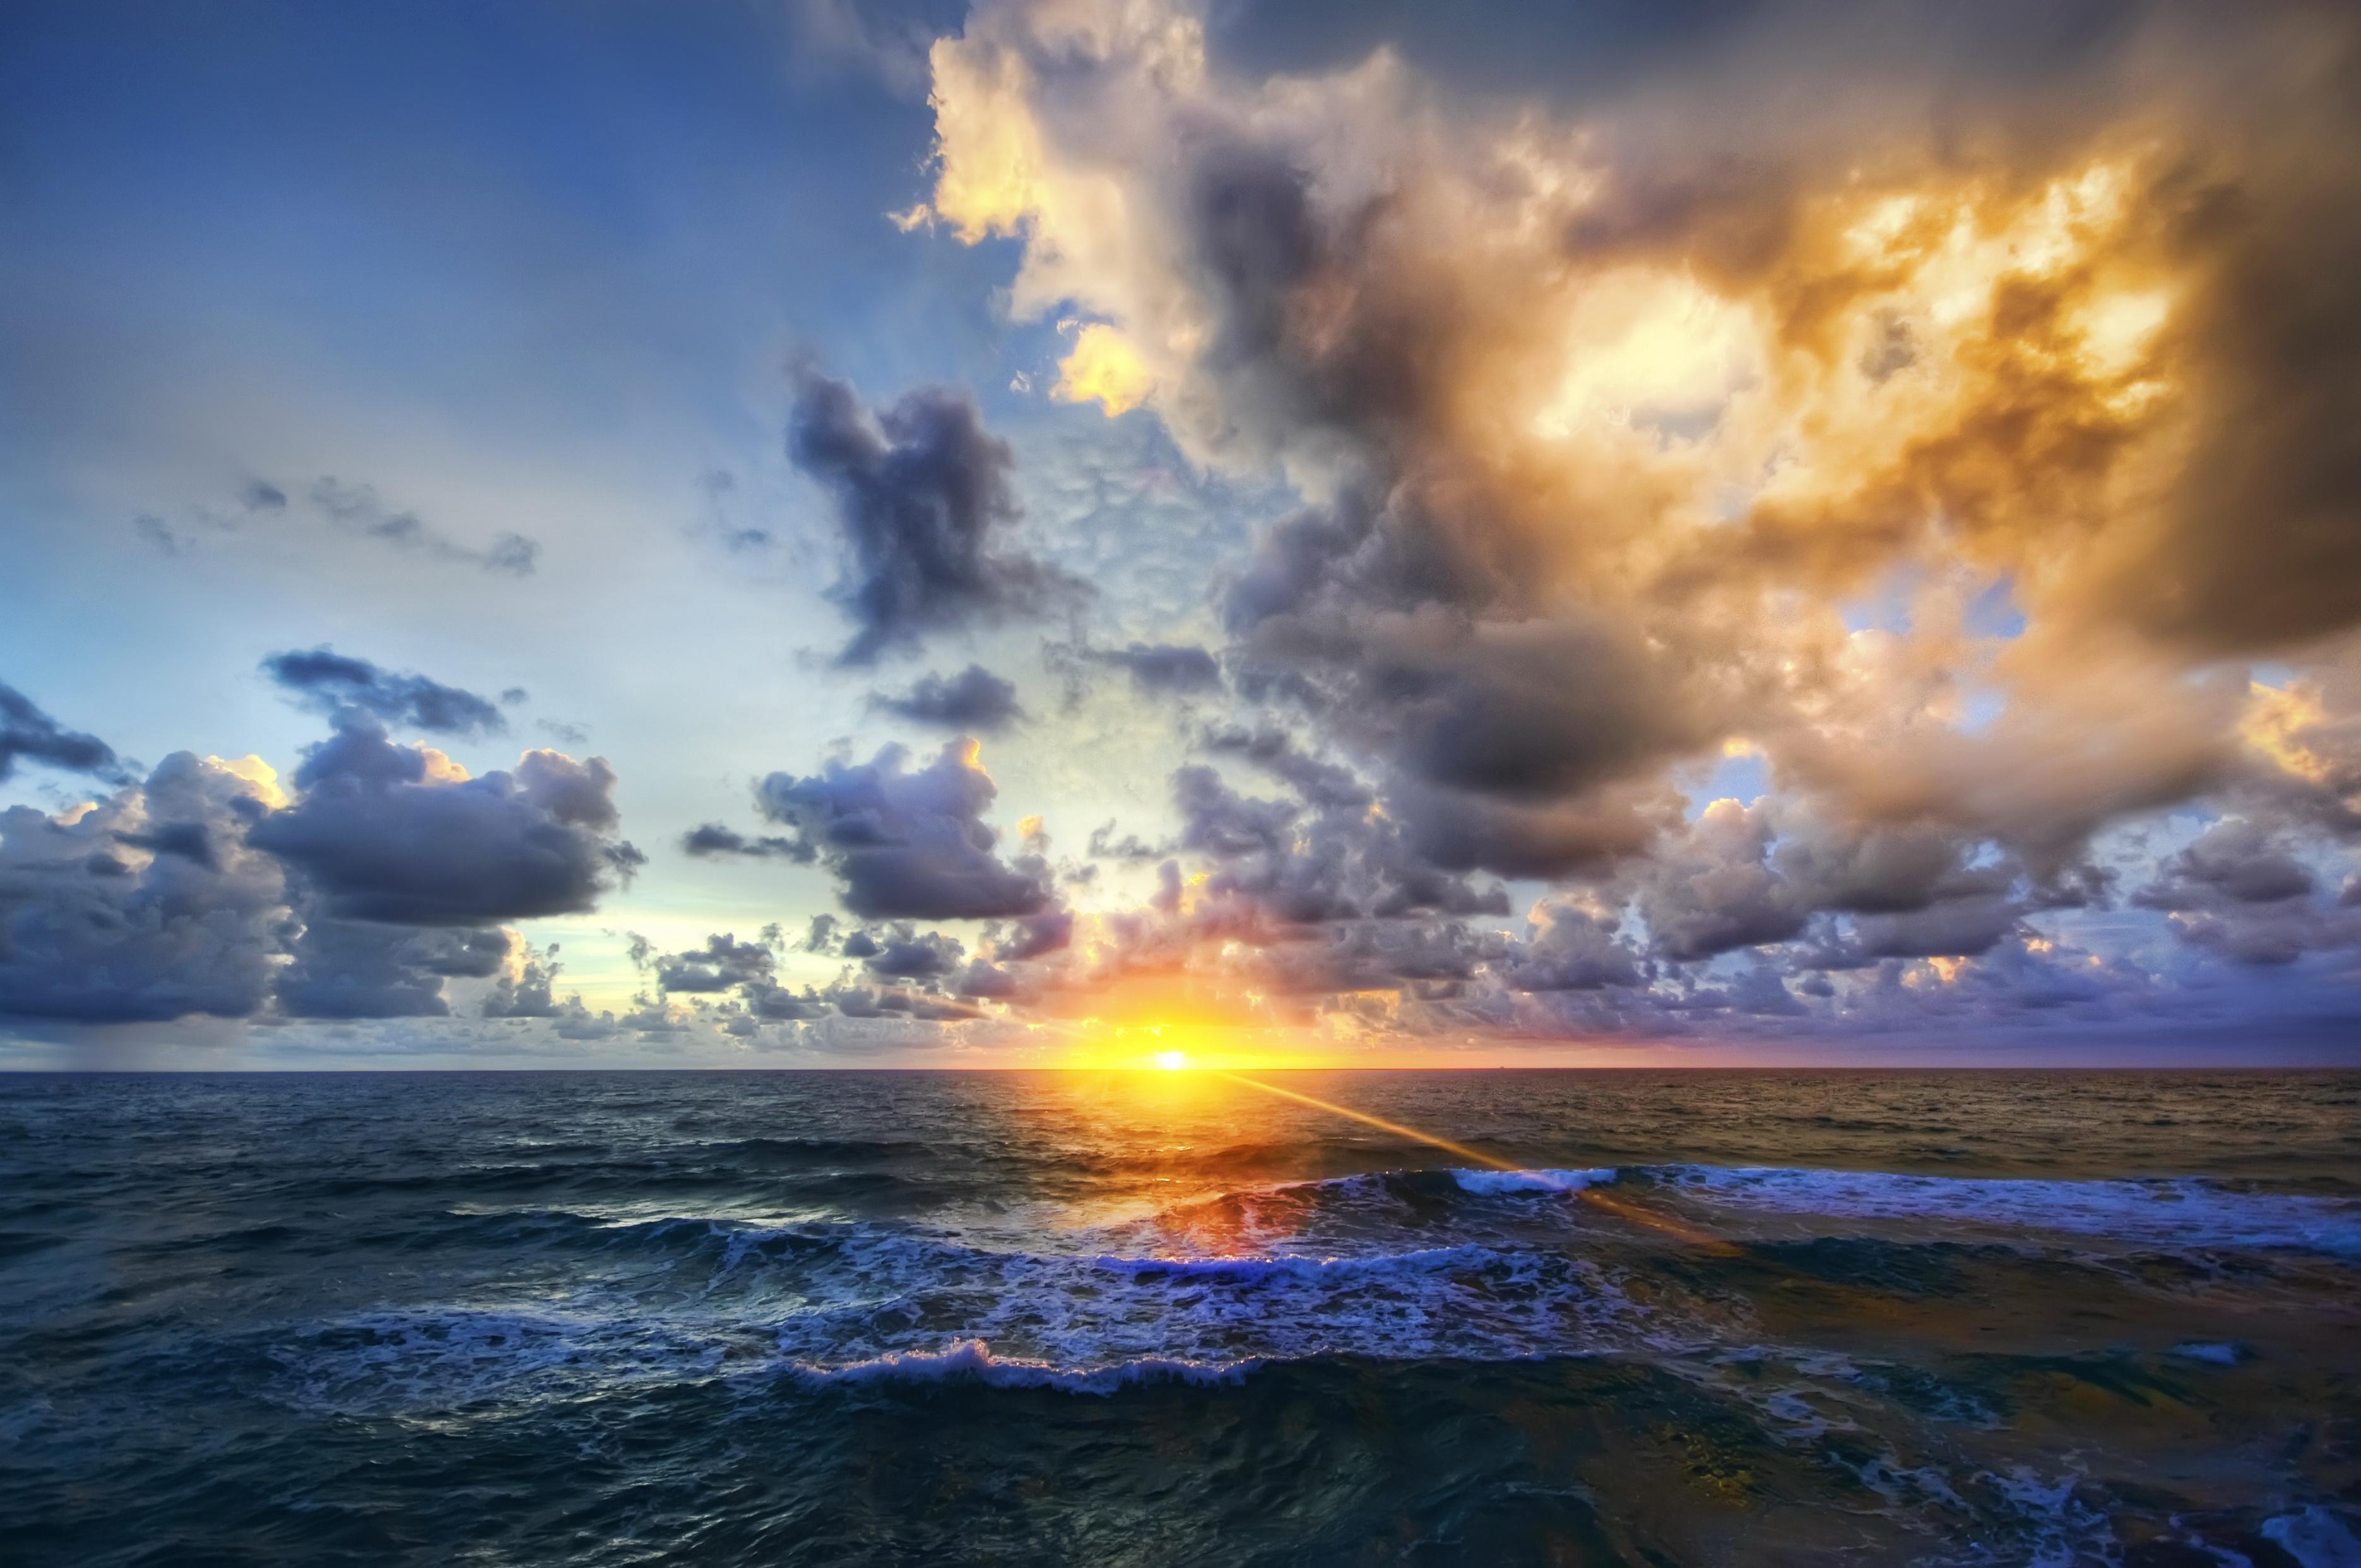 Не спокойное море в лучах заката  № 3849236  скачать